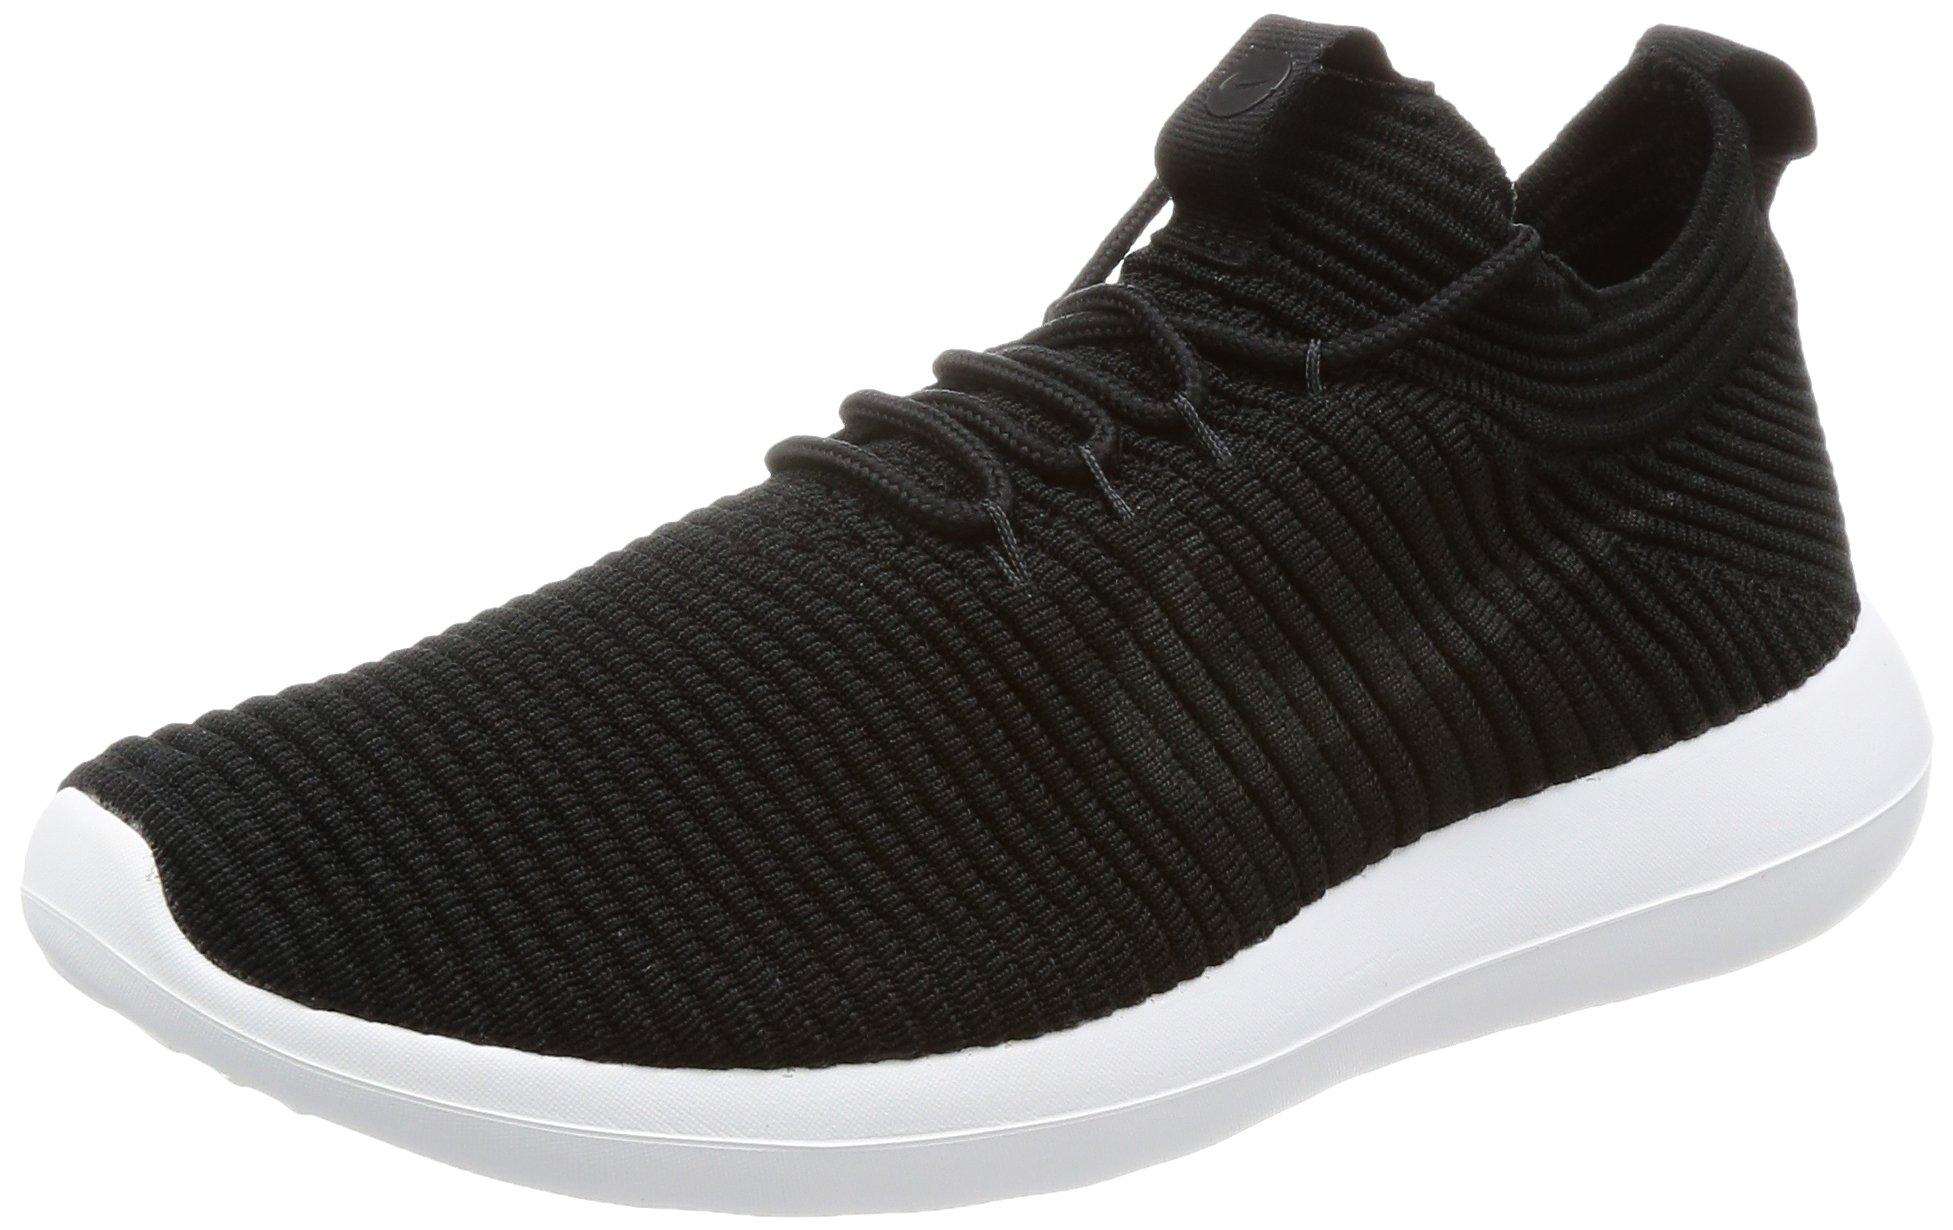 NIKE ROSHE TWO Flyknit V2 Women Running Shoes 917688 002 NEW